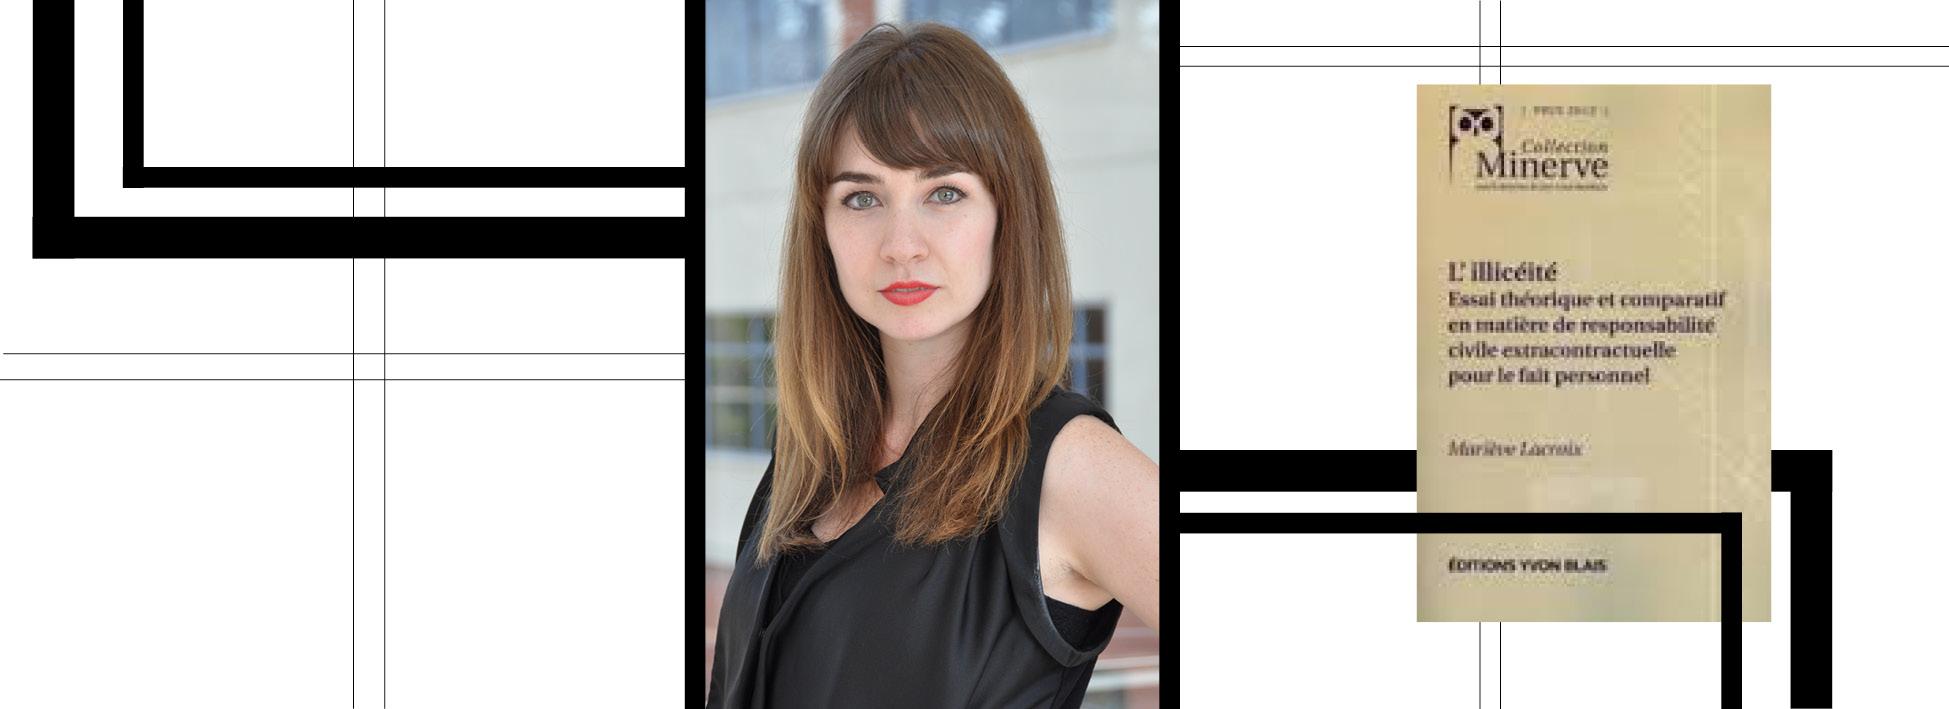 Marieve Lacroix remporte le prix Minerve pour sa thèse de doctorat